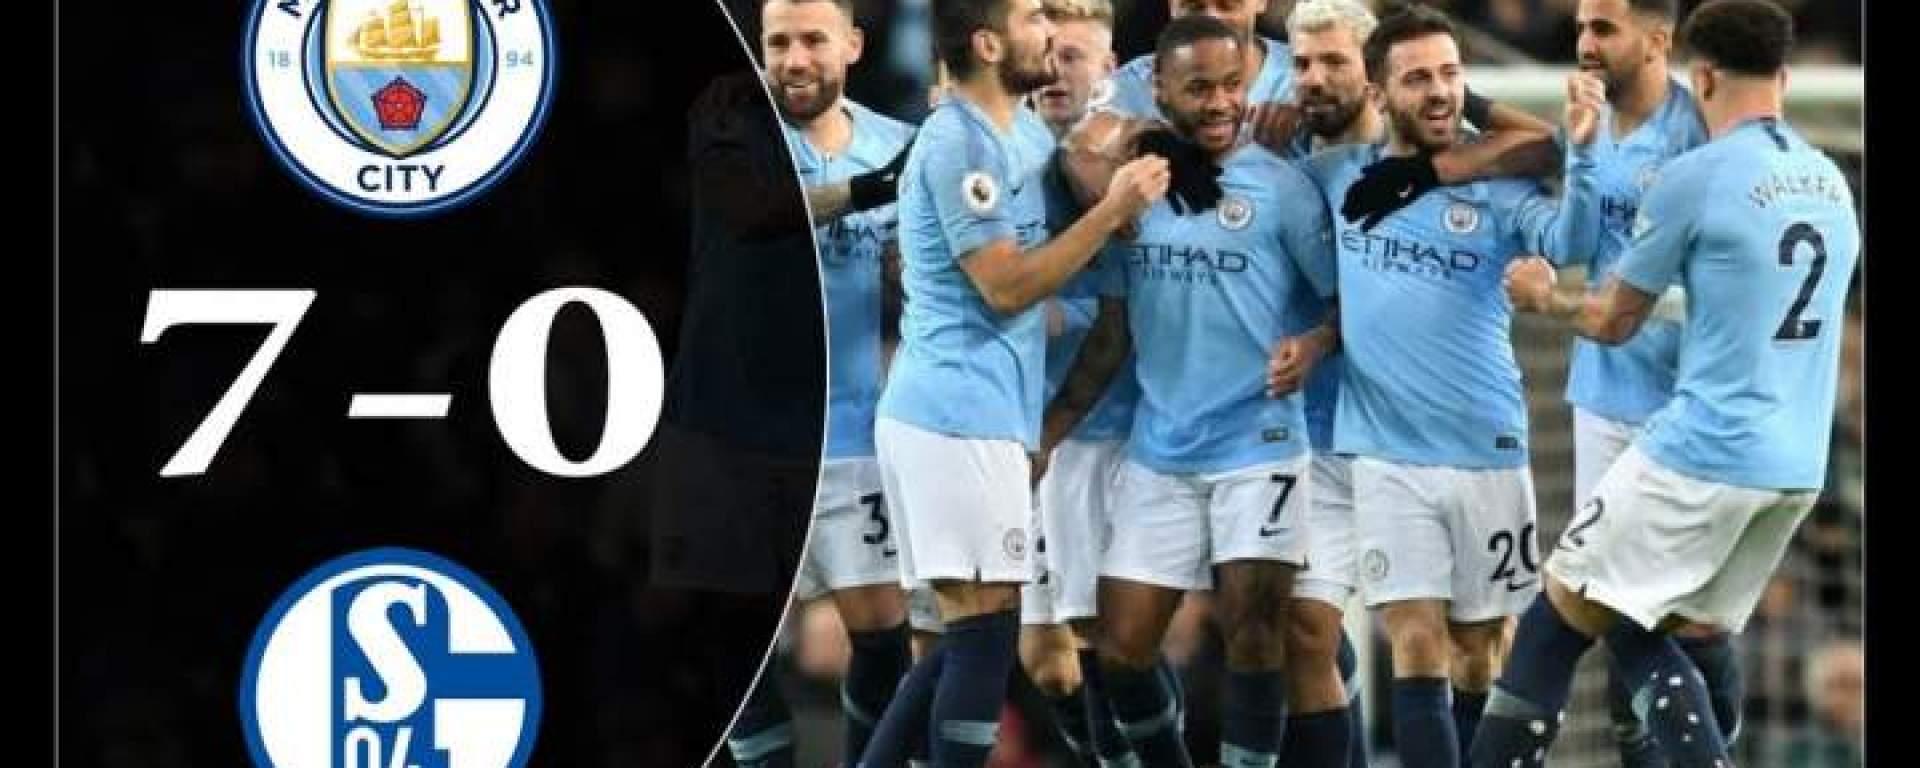 Risultati immagini per Manchester City 7:0 Schalke